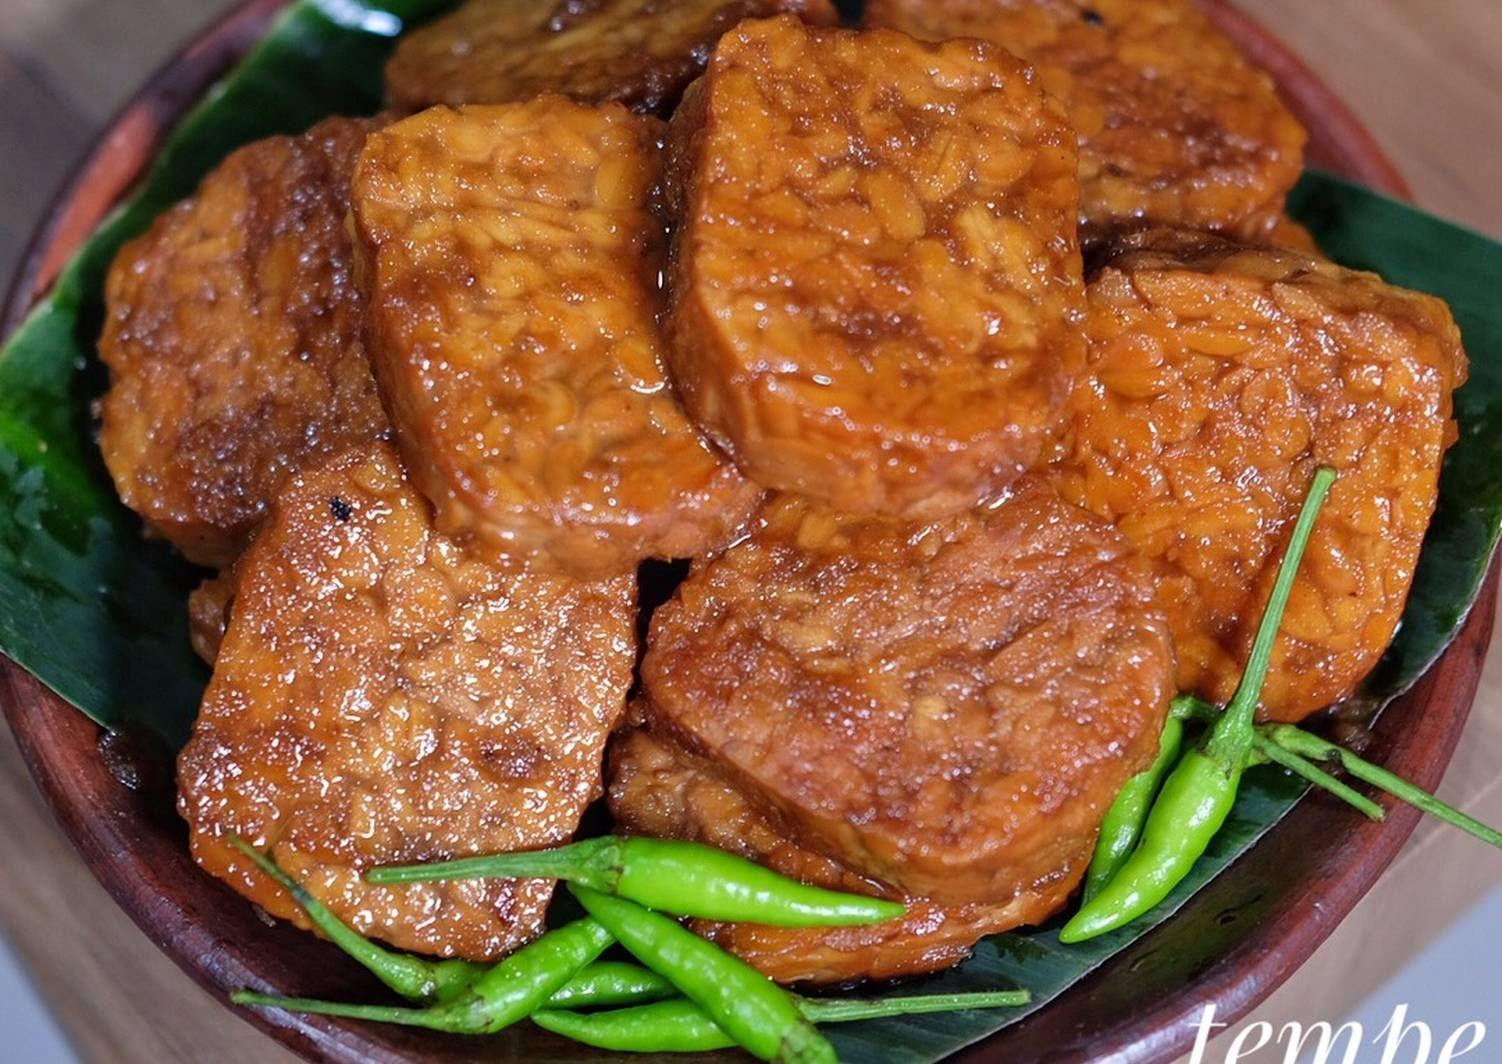 Resep Tempe Bacem Oleh Susi Agung Resep Di 2020 Resep Masakan Resep Tempe